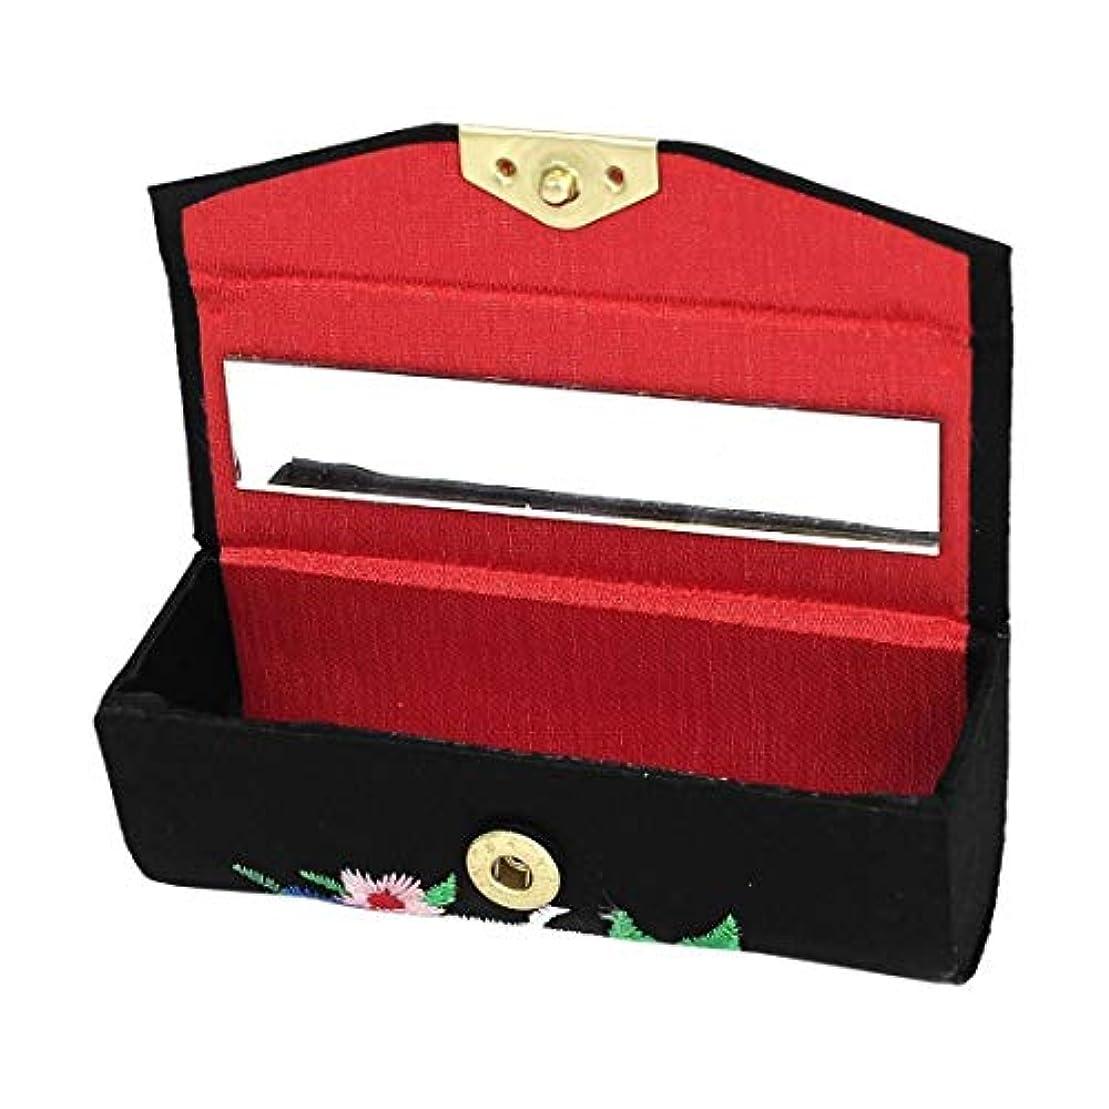 1st market プレミアム品質花刺繍レディー口紅リップチャップスティック化粧ケースボックスブラック